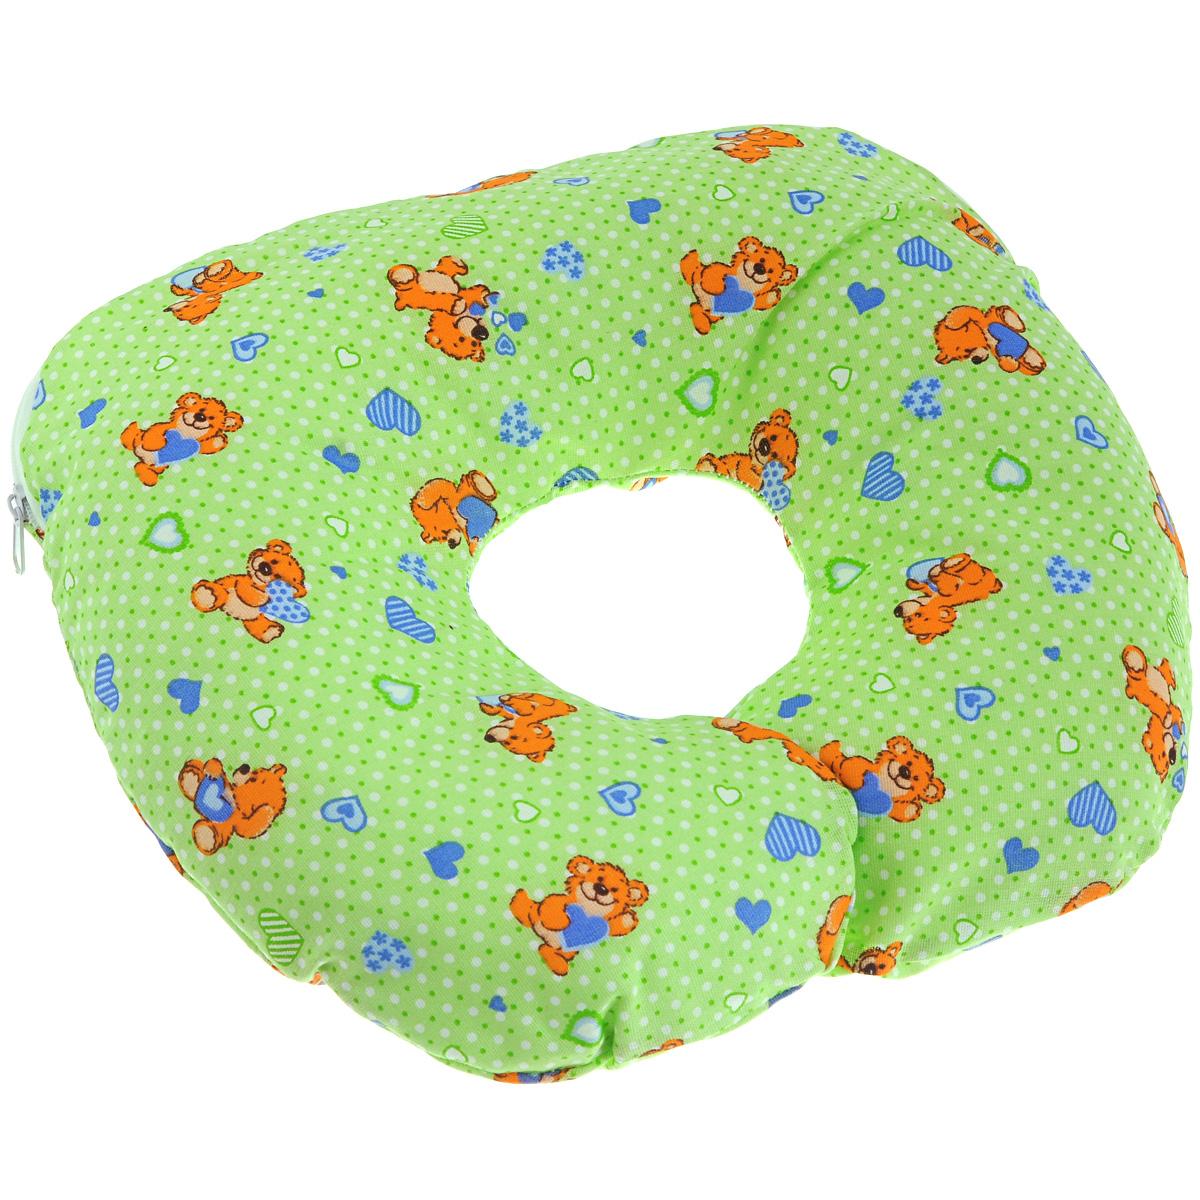 Подушка для младенца Selby Воротник (0005582), цвет: салатовый5582салатовыйПодушка для младенца Selby Воротник (0005582), цвет: салатовый